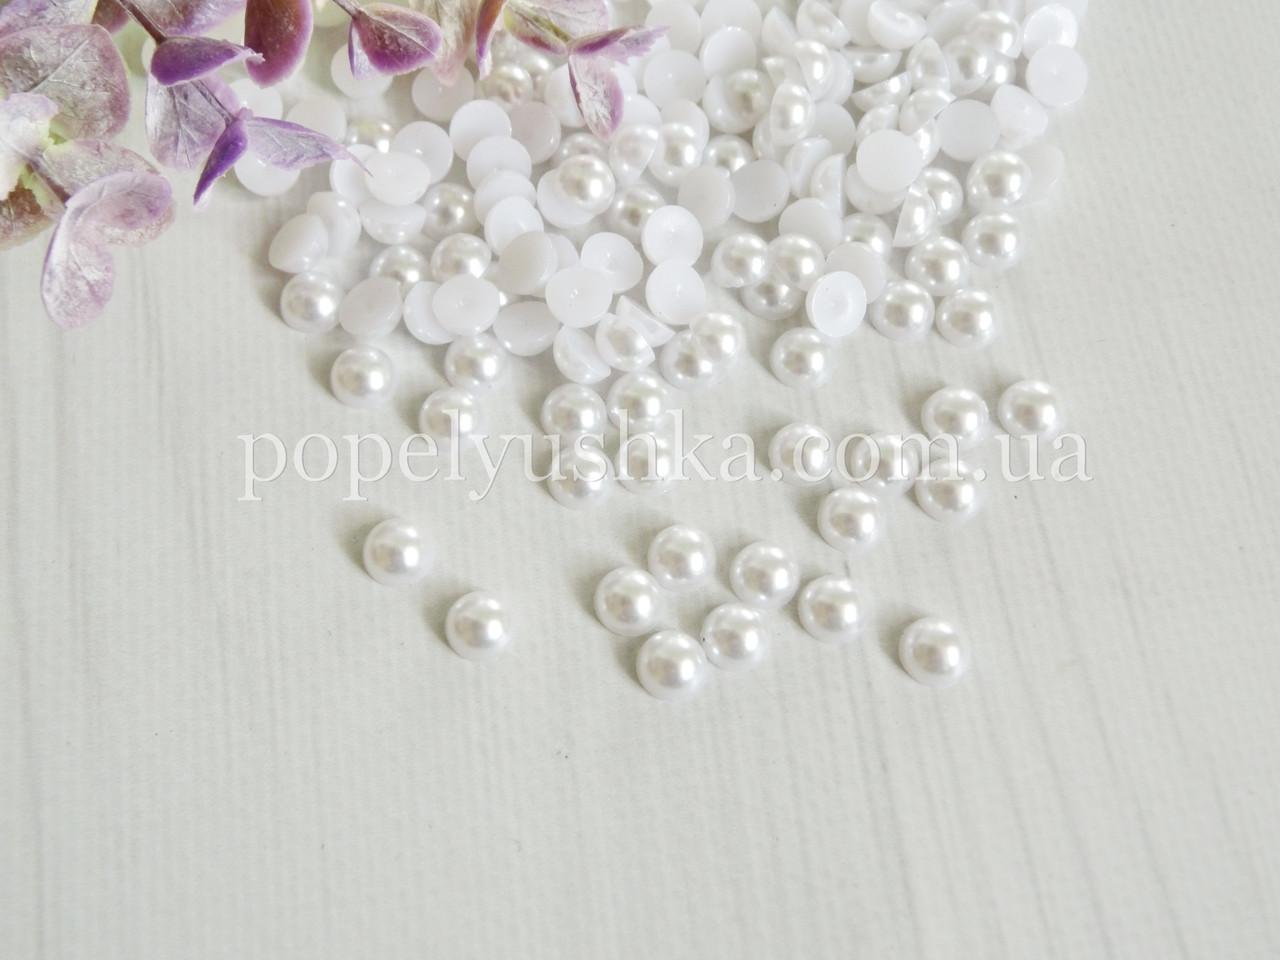 Половинки перлин  8 мм білі (50 шт)